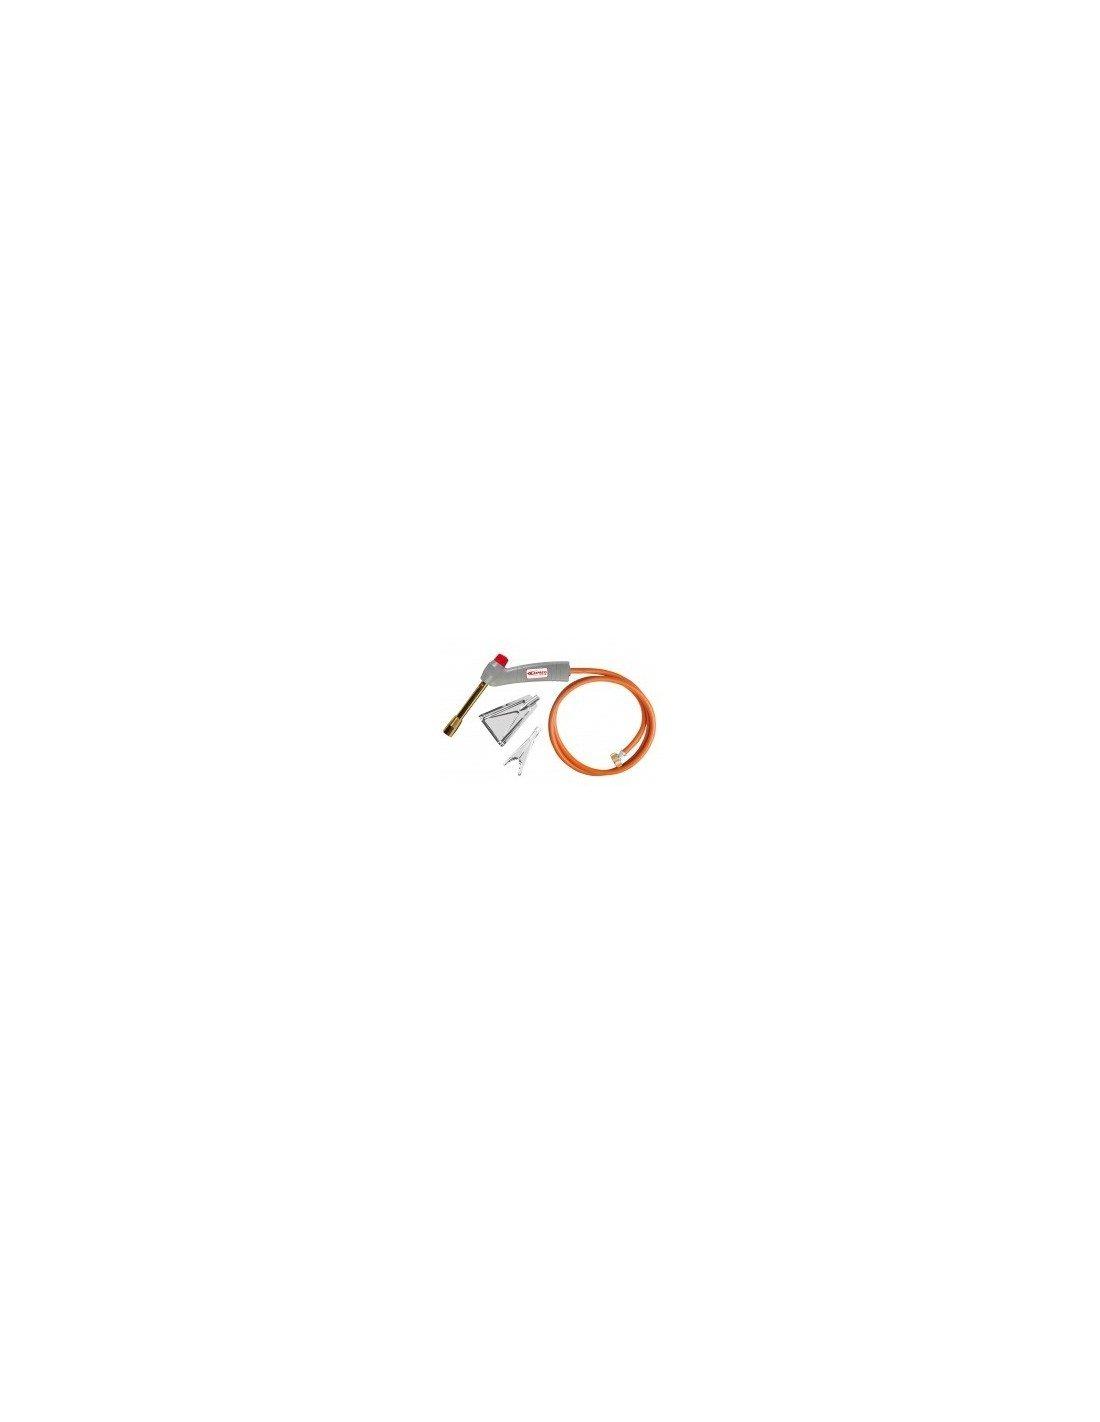 Abratools - Soplete butano 5100 +manguera 1,5m: Amazon.es: Bricolaje y herramientas